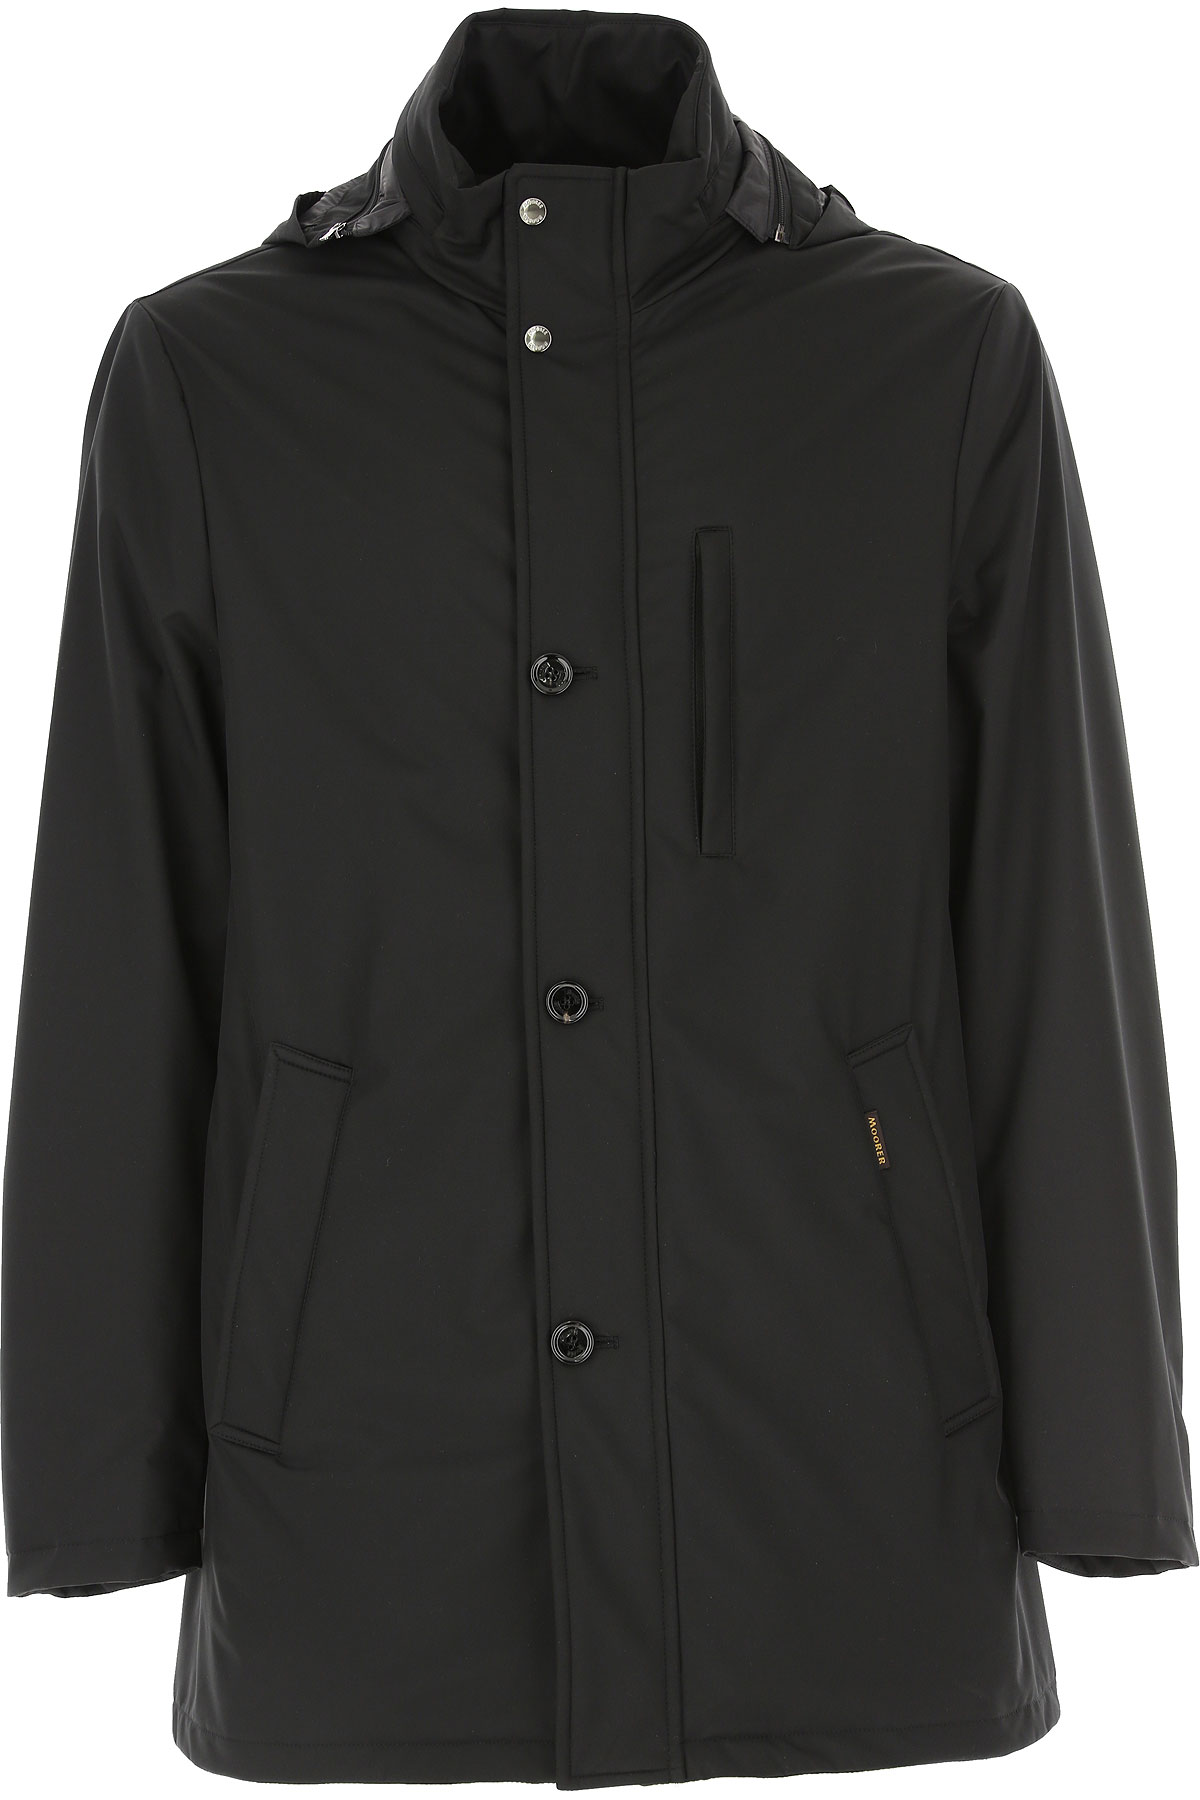 Moorer Jacket for Men On Sale, Black, polyester, 2019, M XL